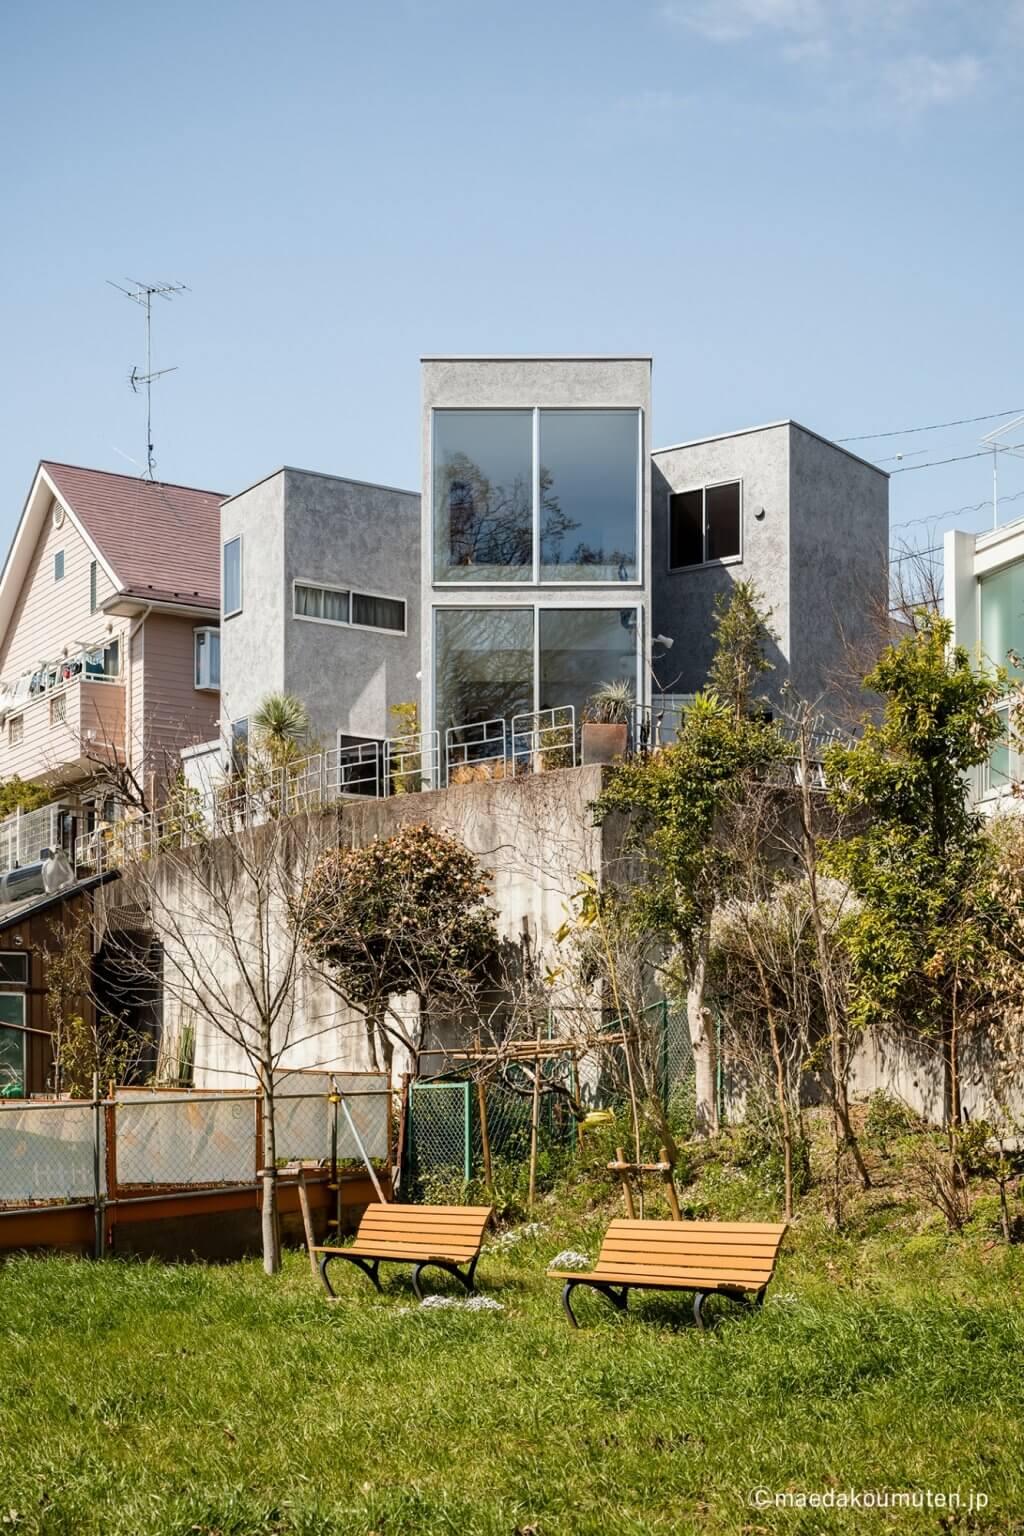 神奈川県、工務店、注文住宅、デザイン住宅、建築家、谷戸の家_6